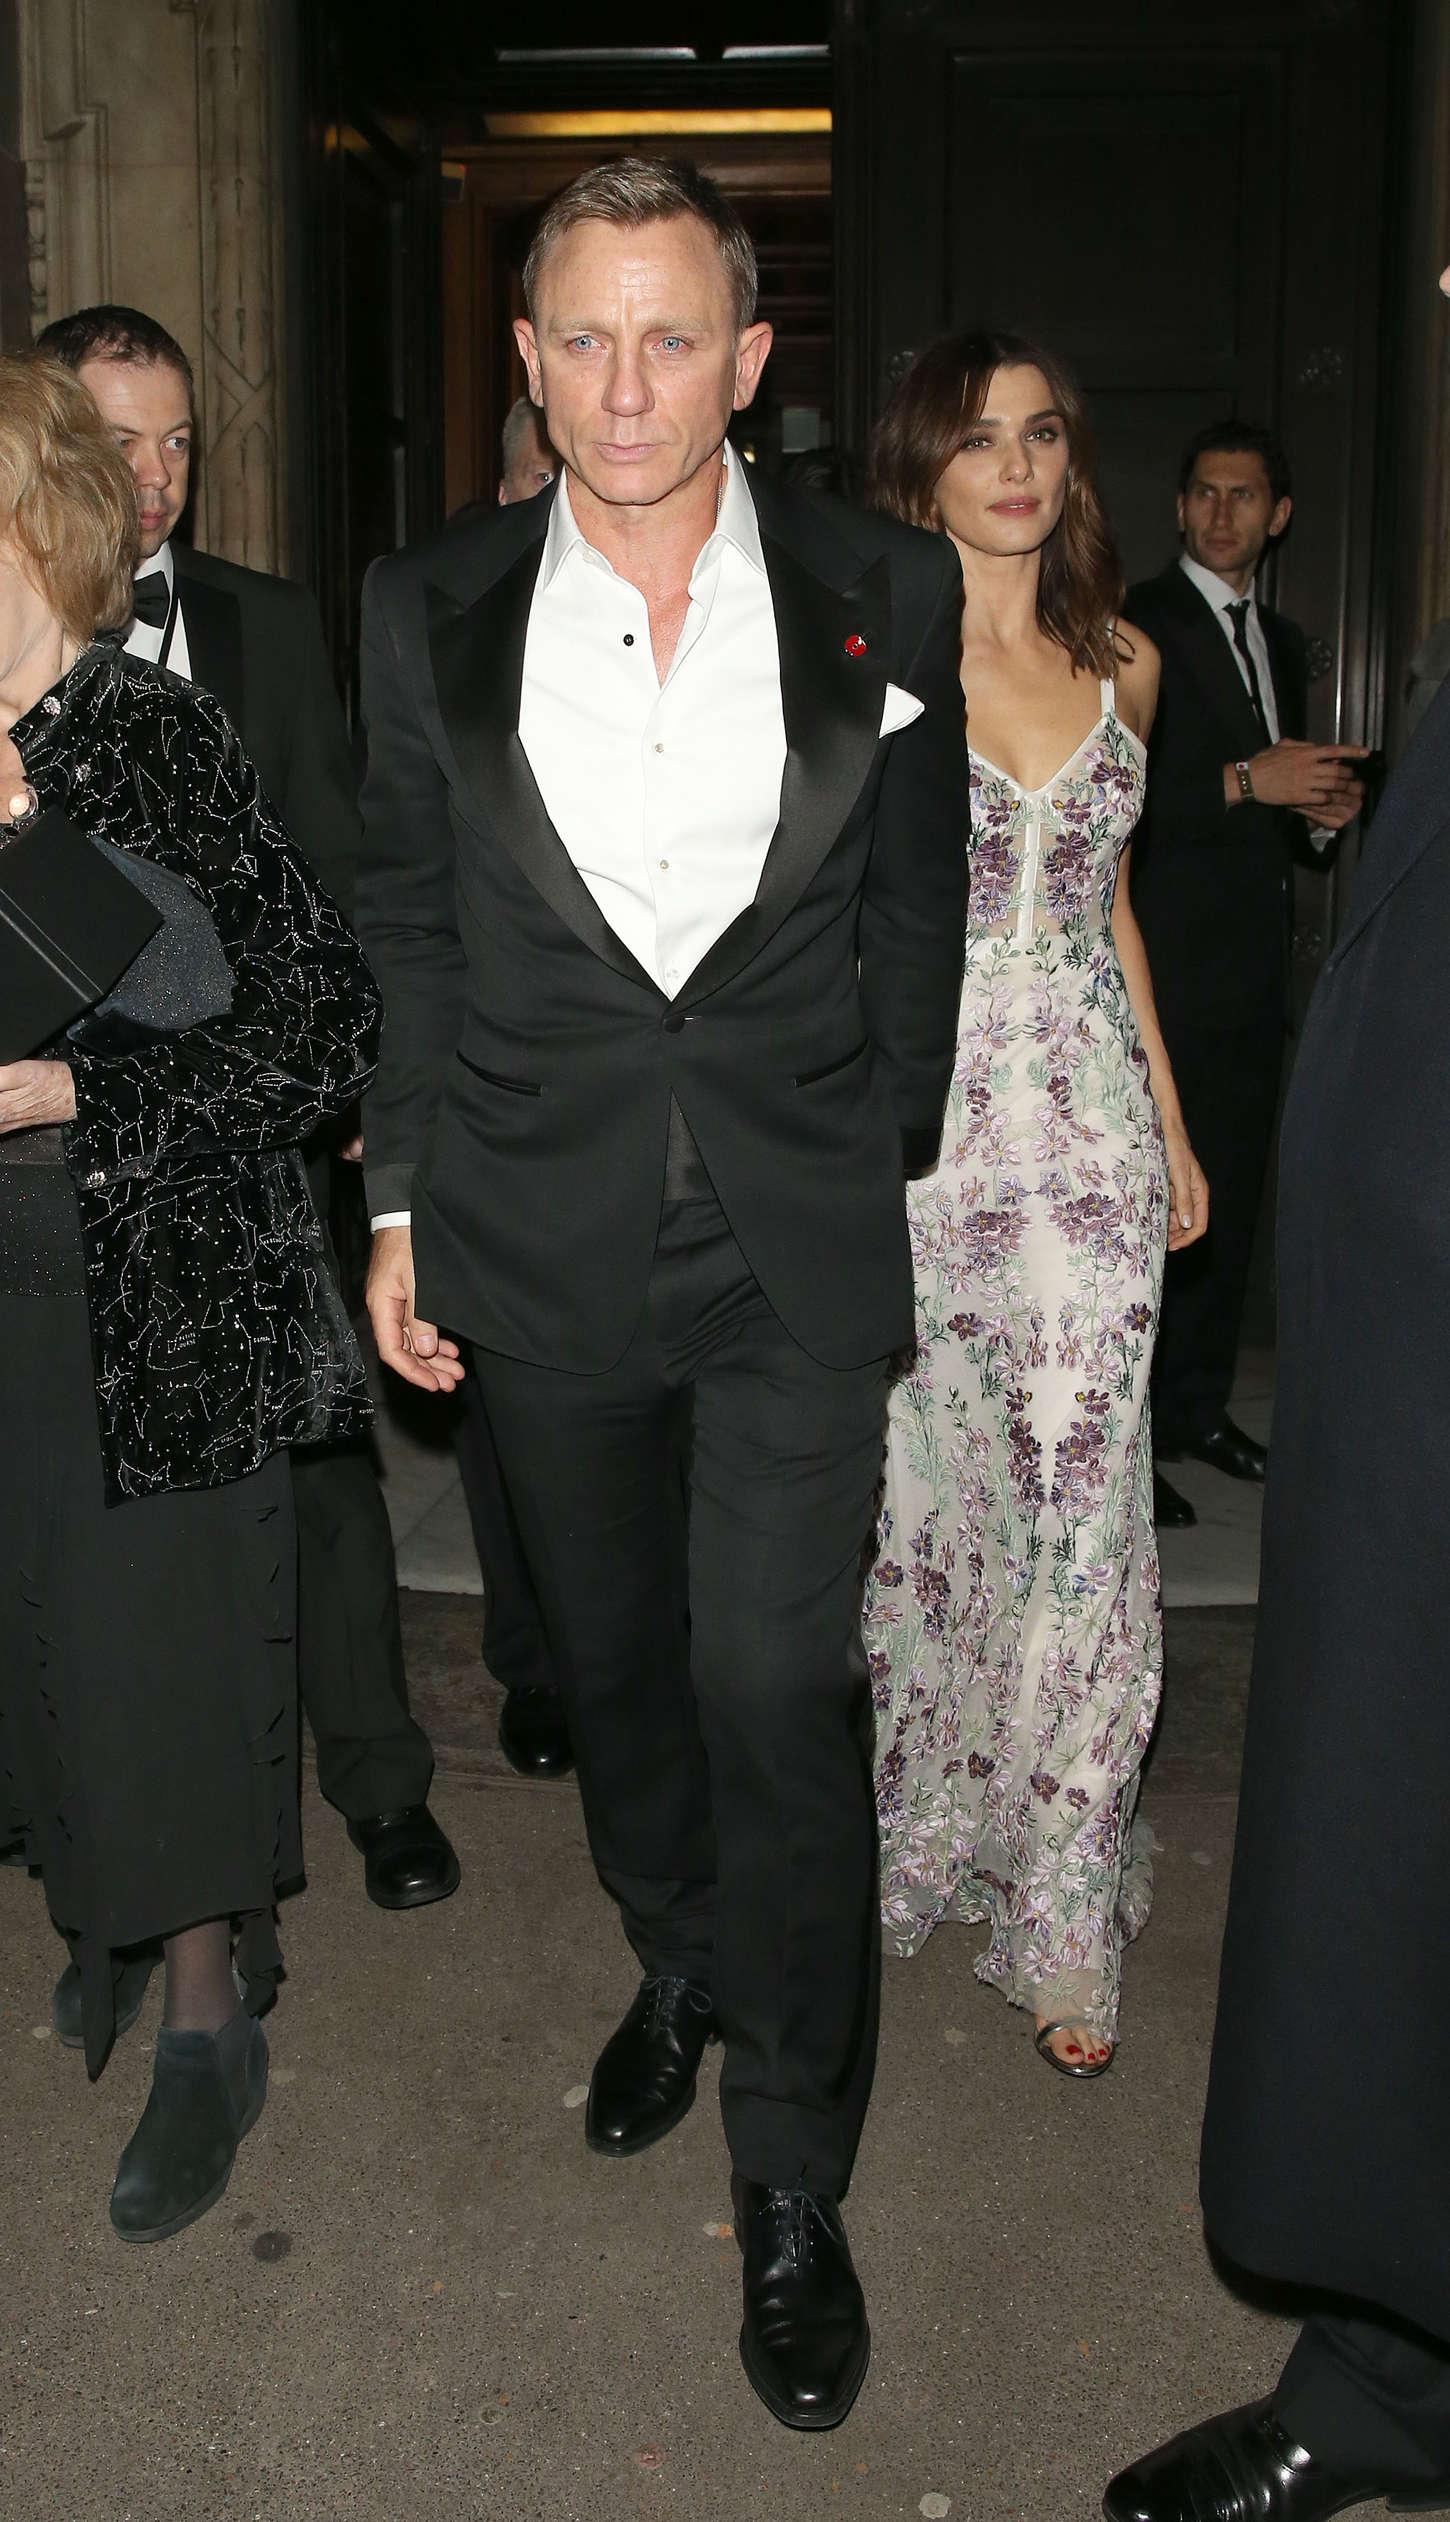 Rachel Weisz Leaving Spectre After Party in London